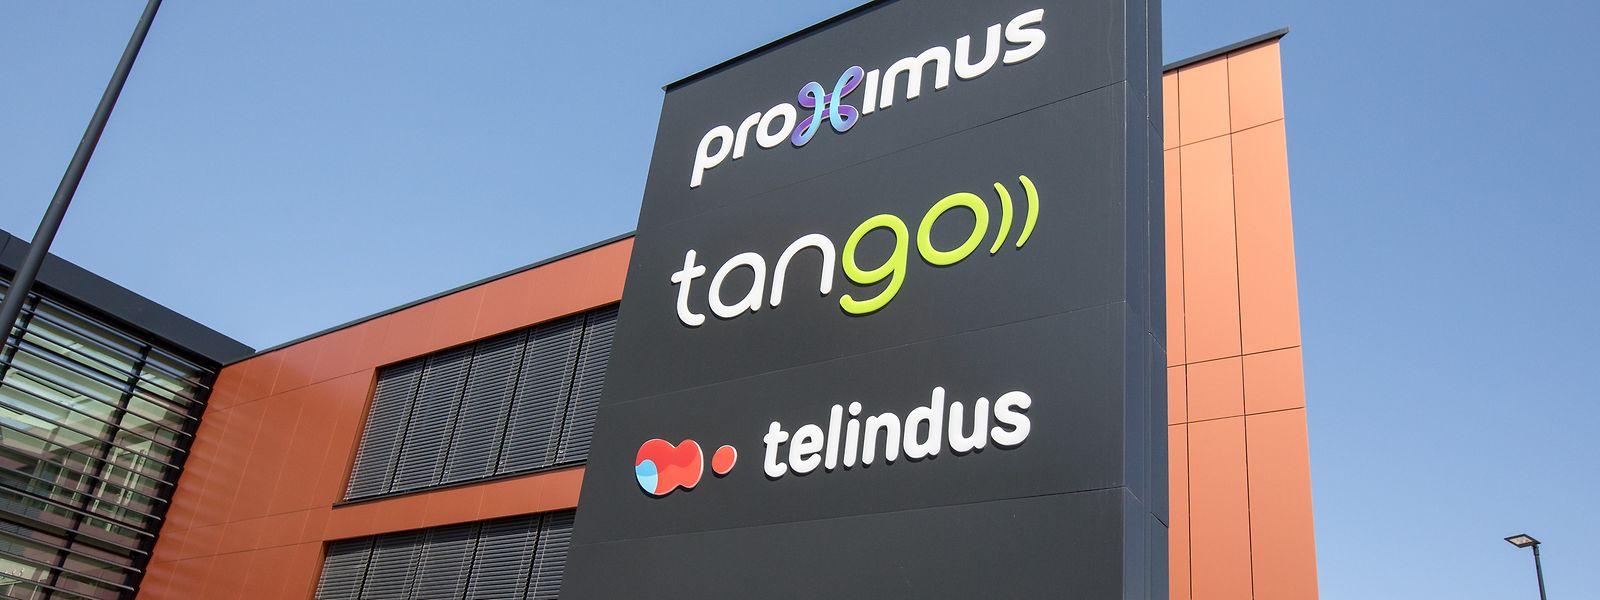 Une semaine après Post, Tango se lance dans l'aventure de la 5G.